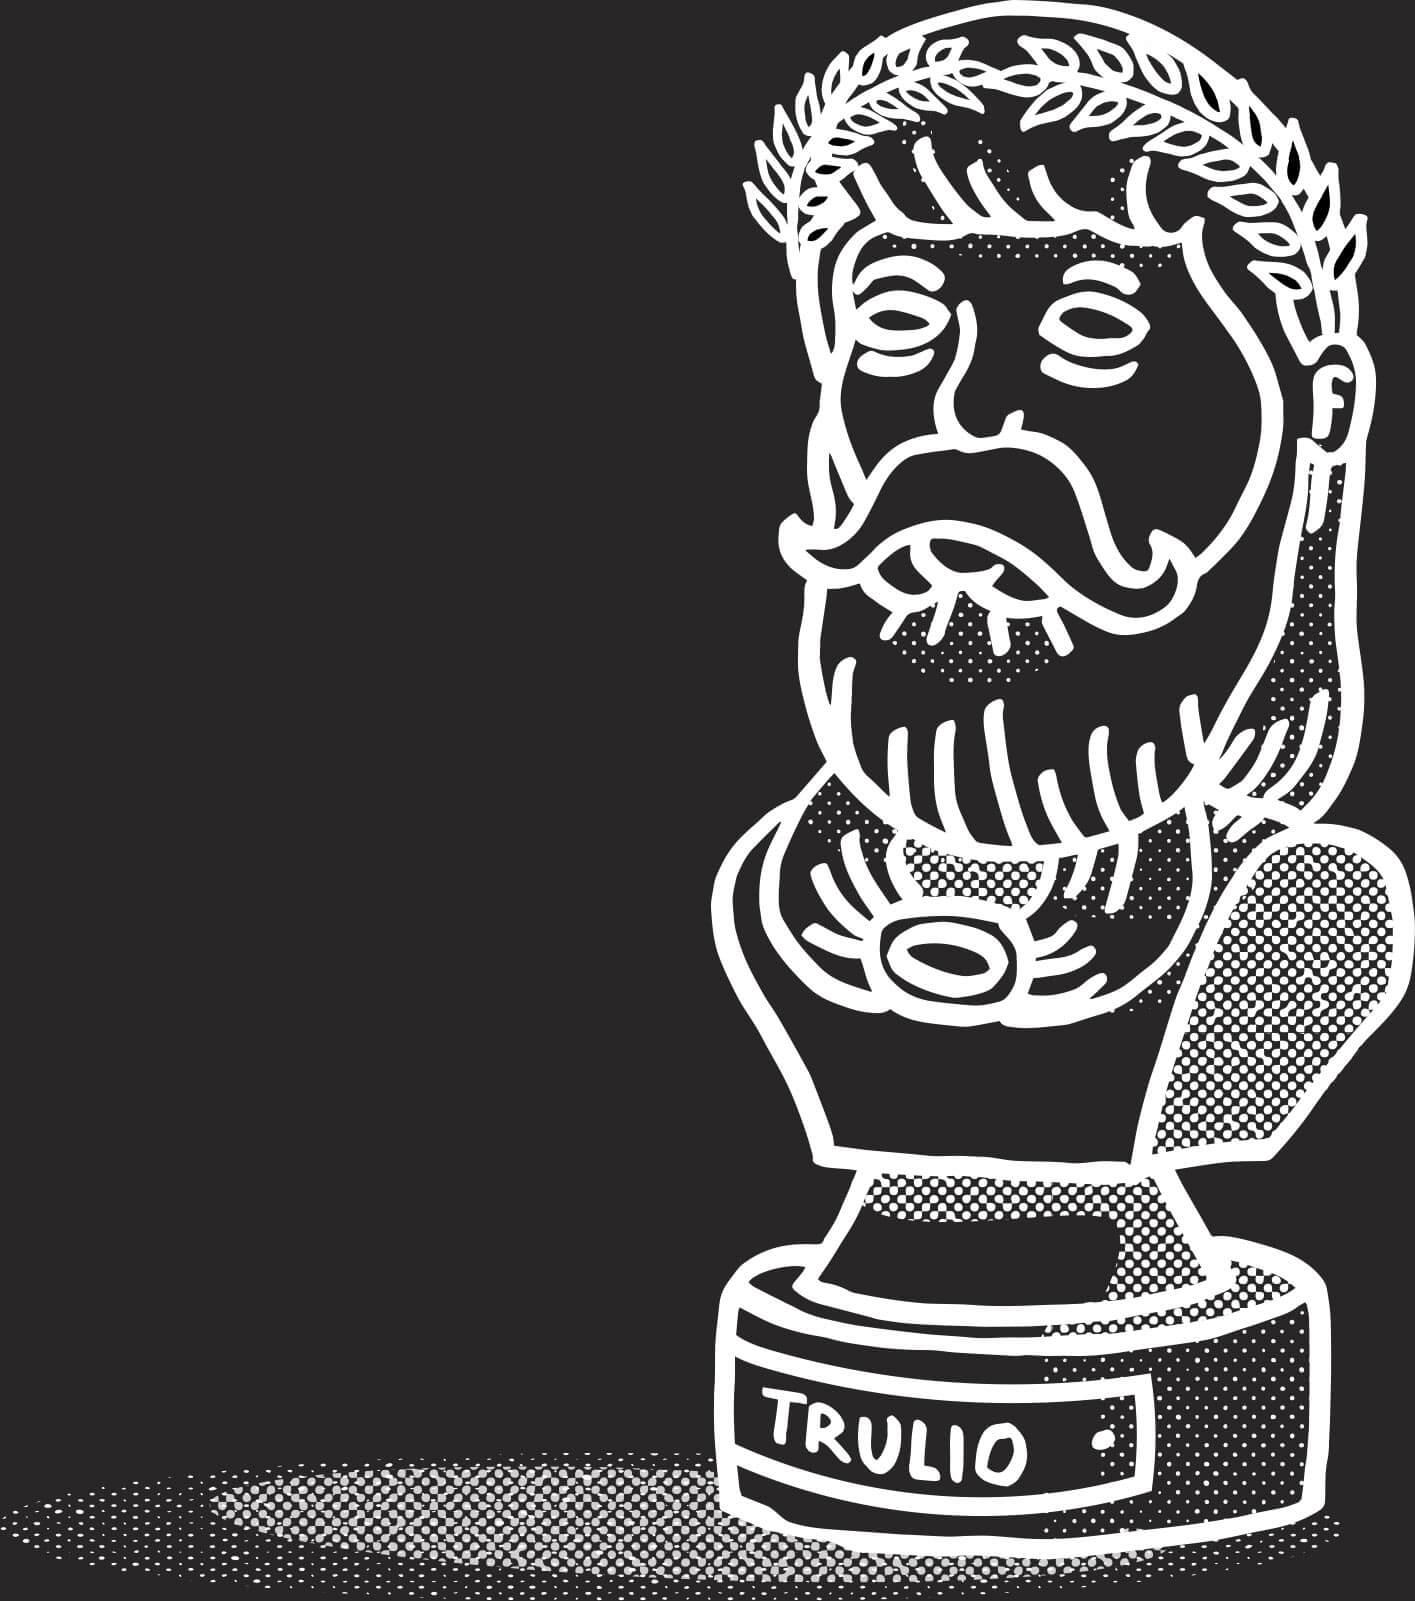 Trulio